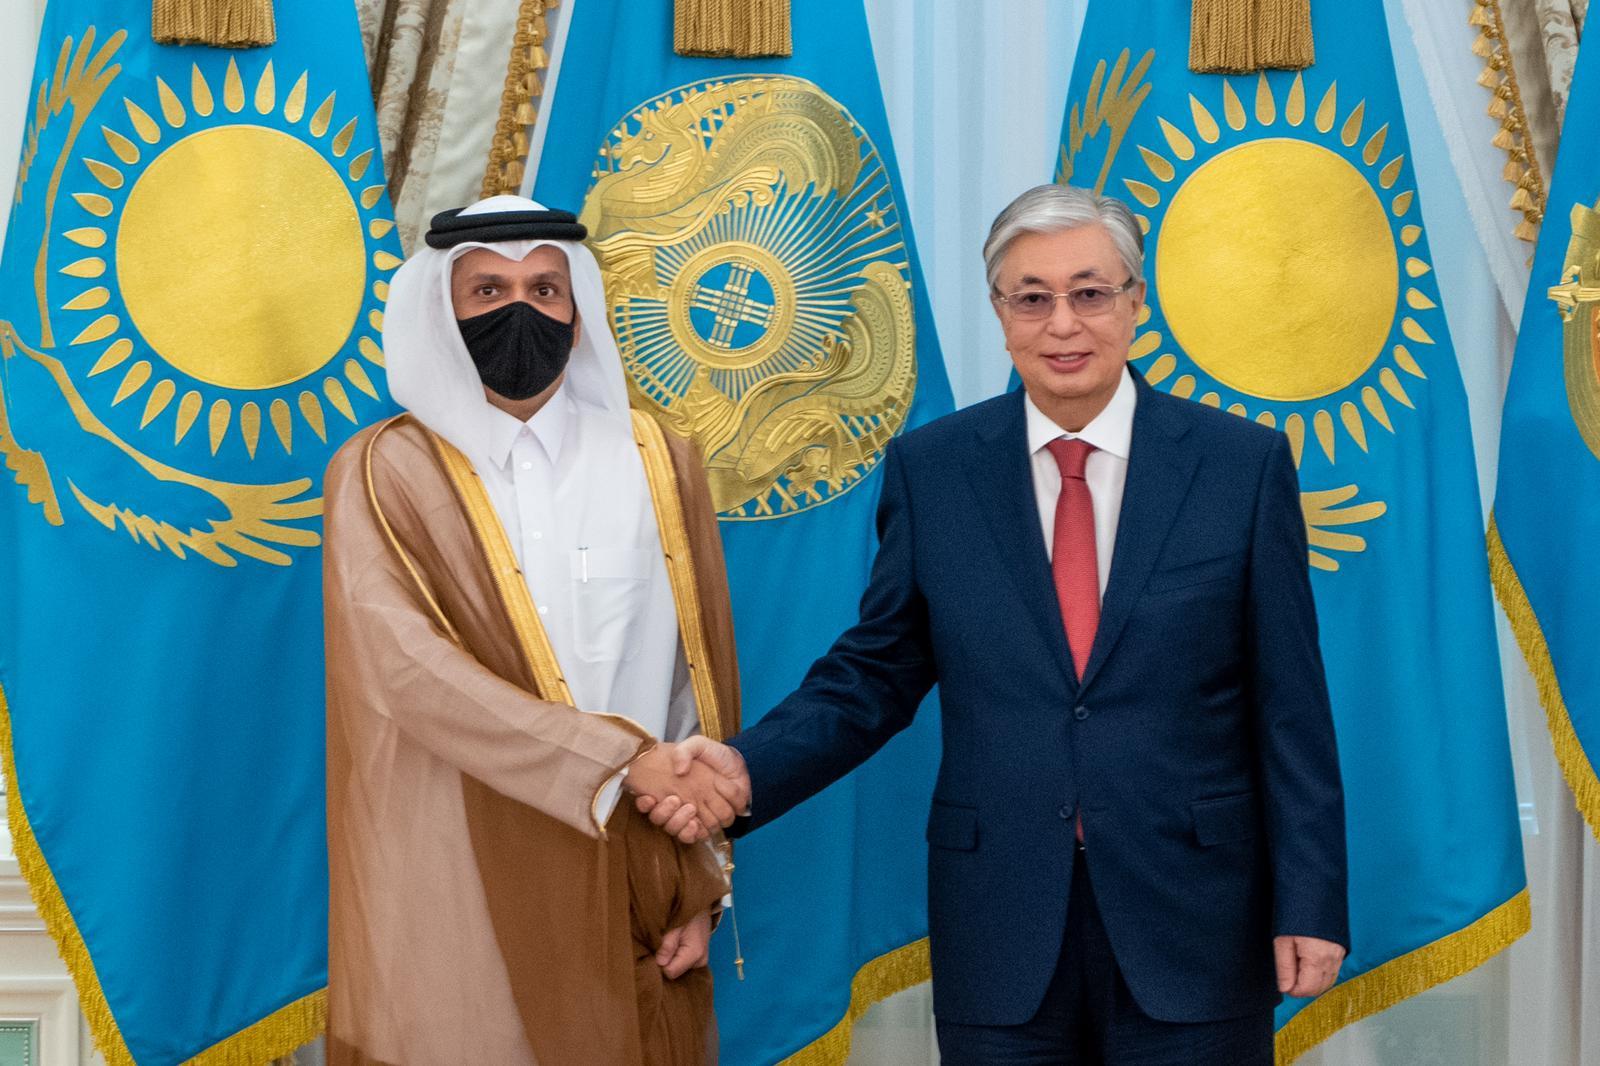 رئيس كازاخستان يستقبل نائب رئيس مجلس الوزراء وزير الخارجية